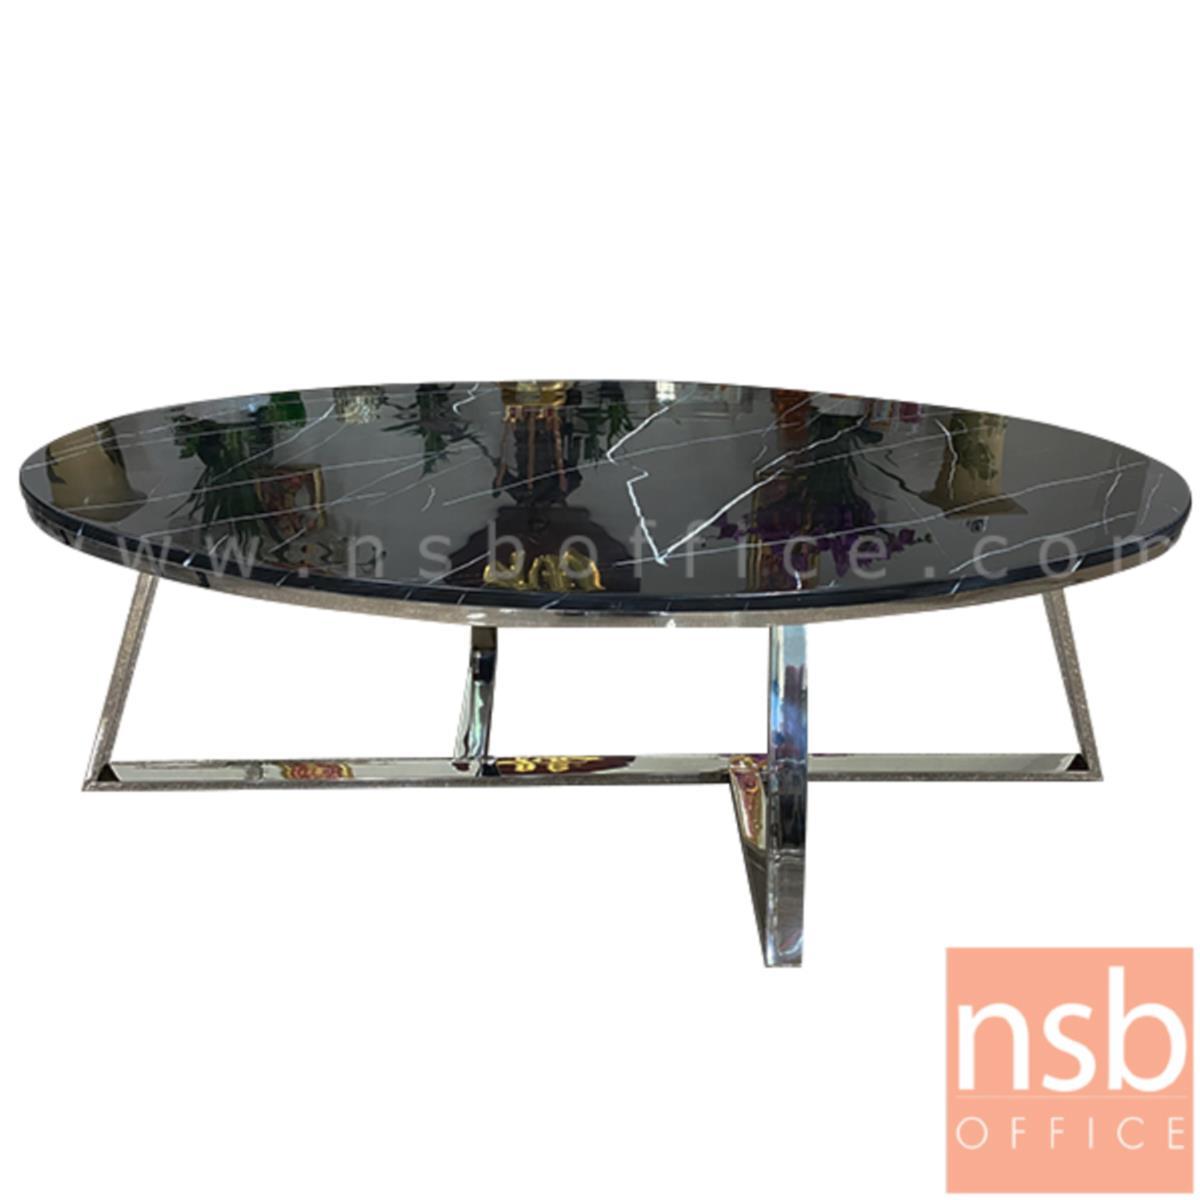 B13A270:โต๊ะกลาง รุ่น Anona (อโณณา) ท็อปหินอ่อน